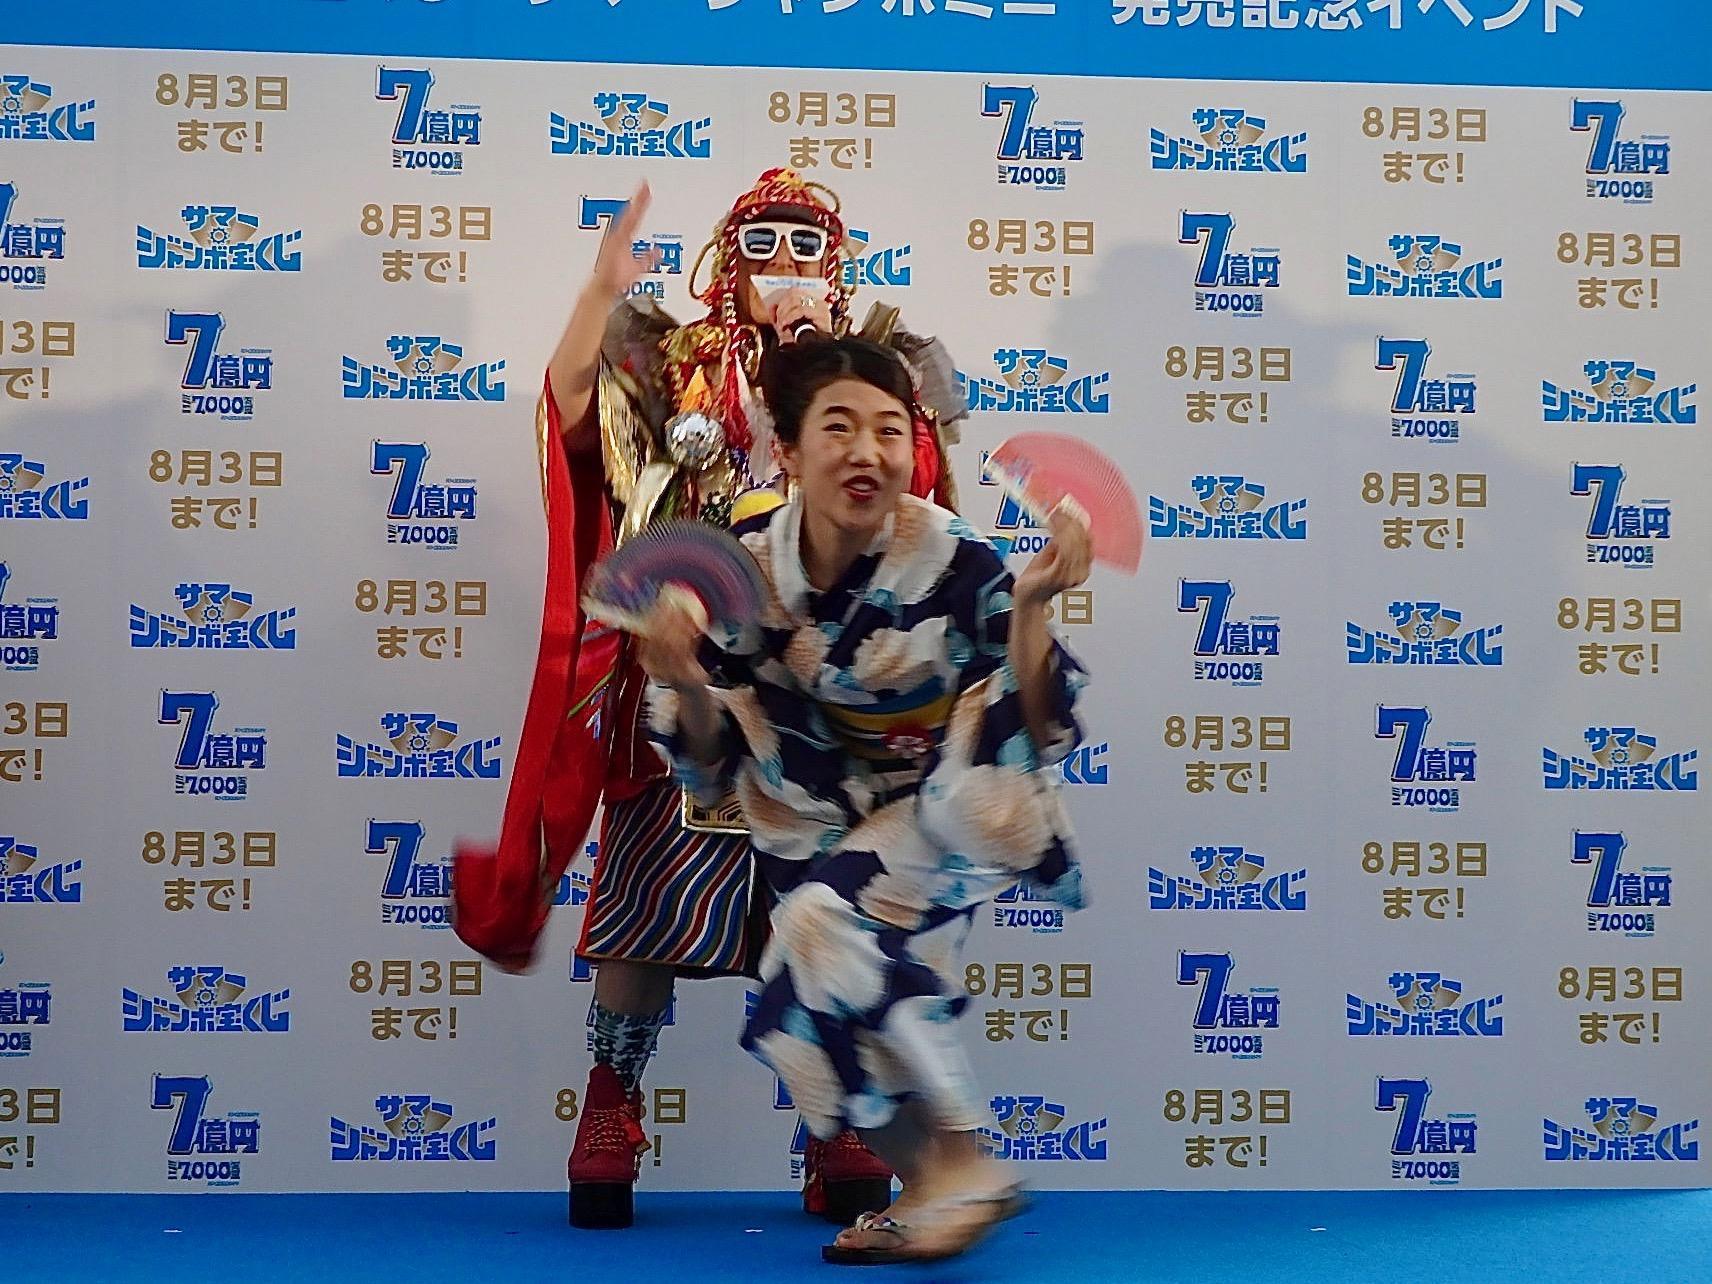 http://news.yoshimoto.co.jp/20180709203309-f747b700dc2a5d3b59835f8d7228f642d7cad426.jpg